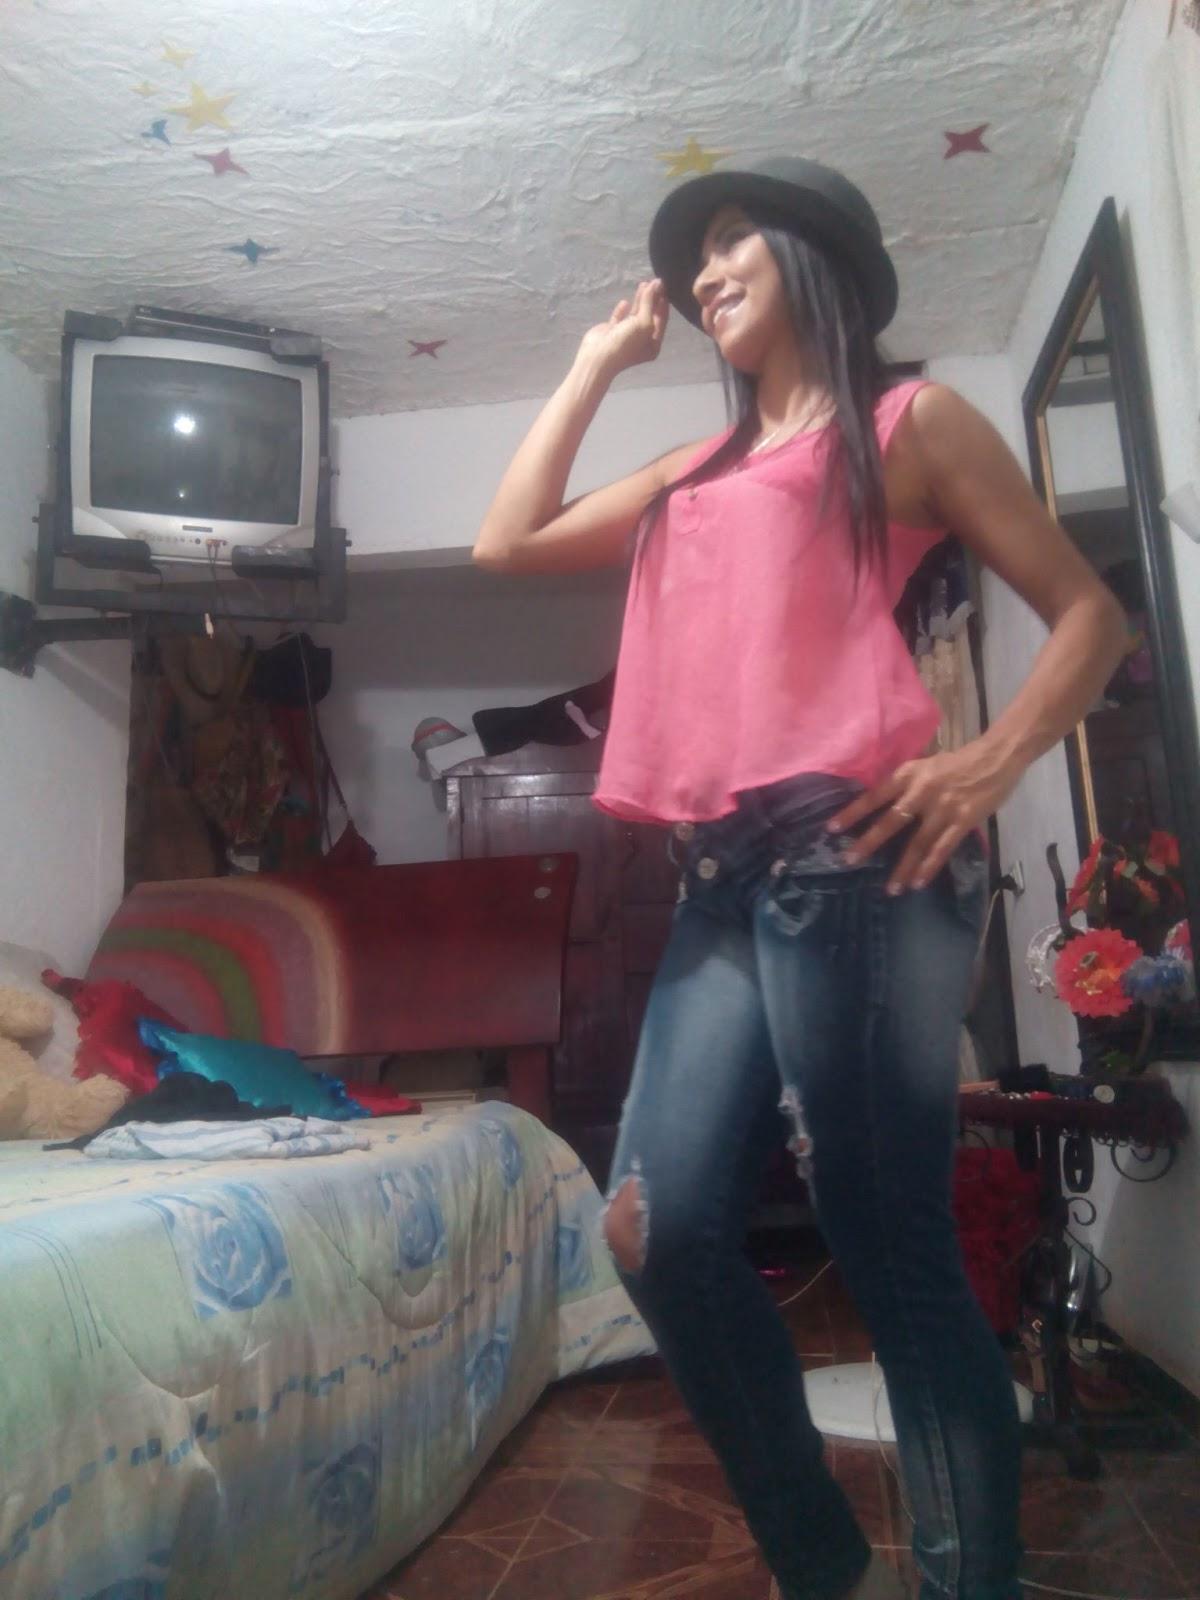 Conocer chicos norteamericanos Colombiana21200